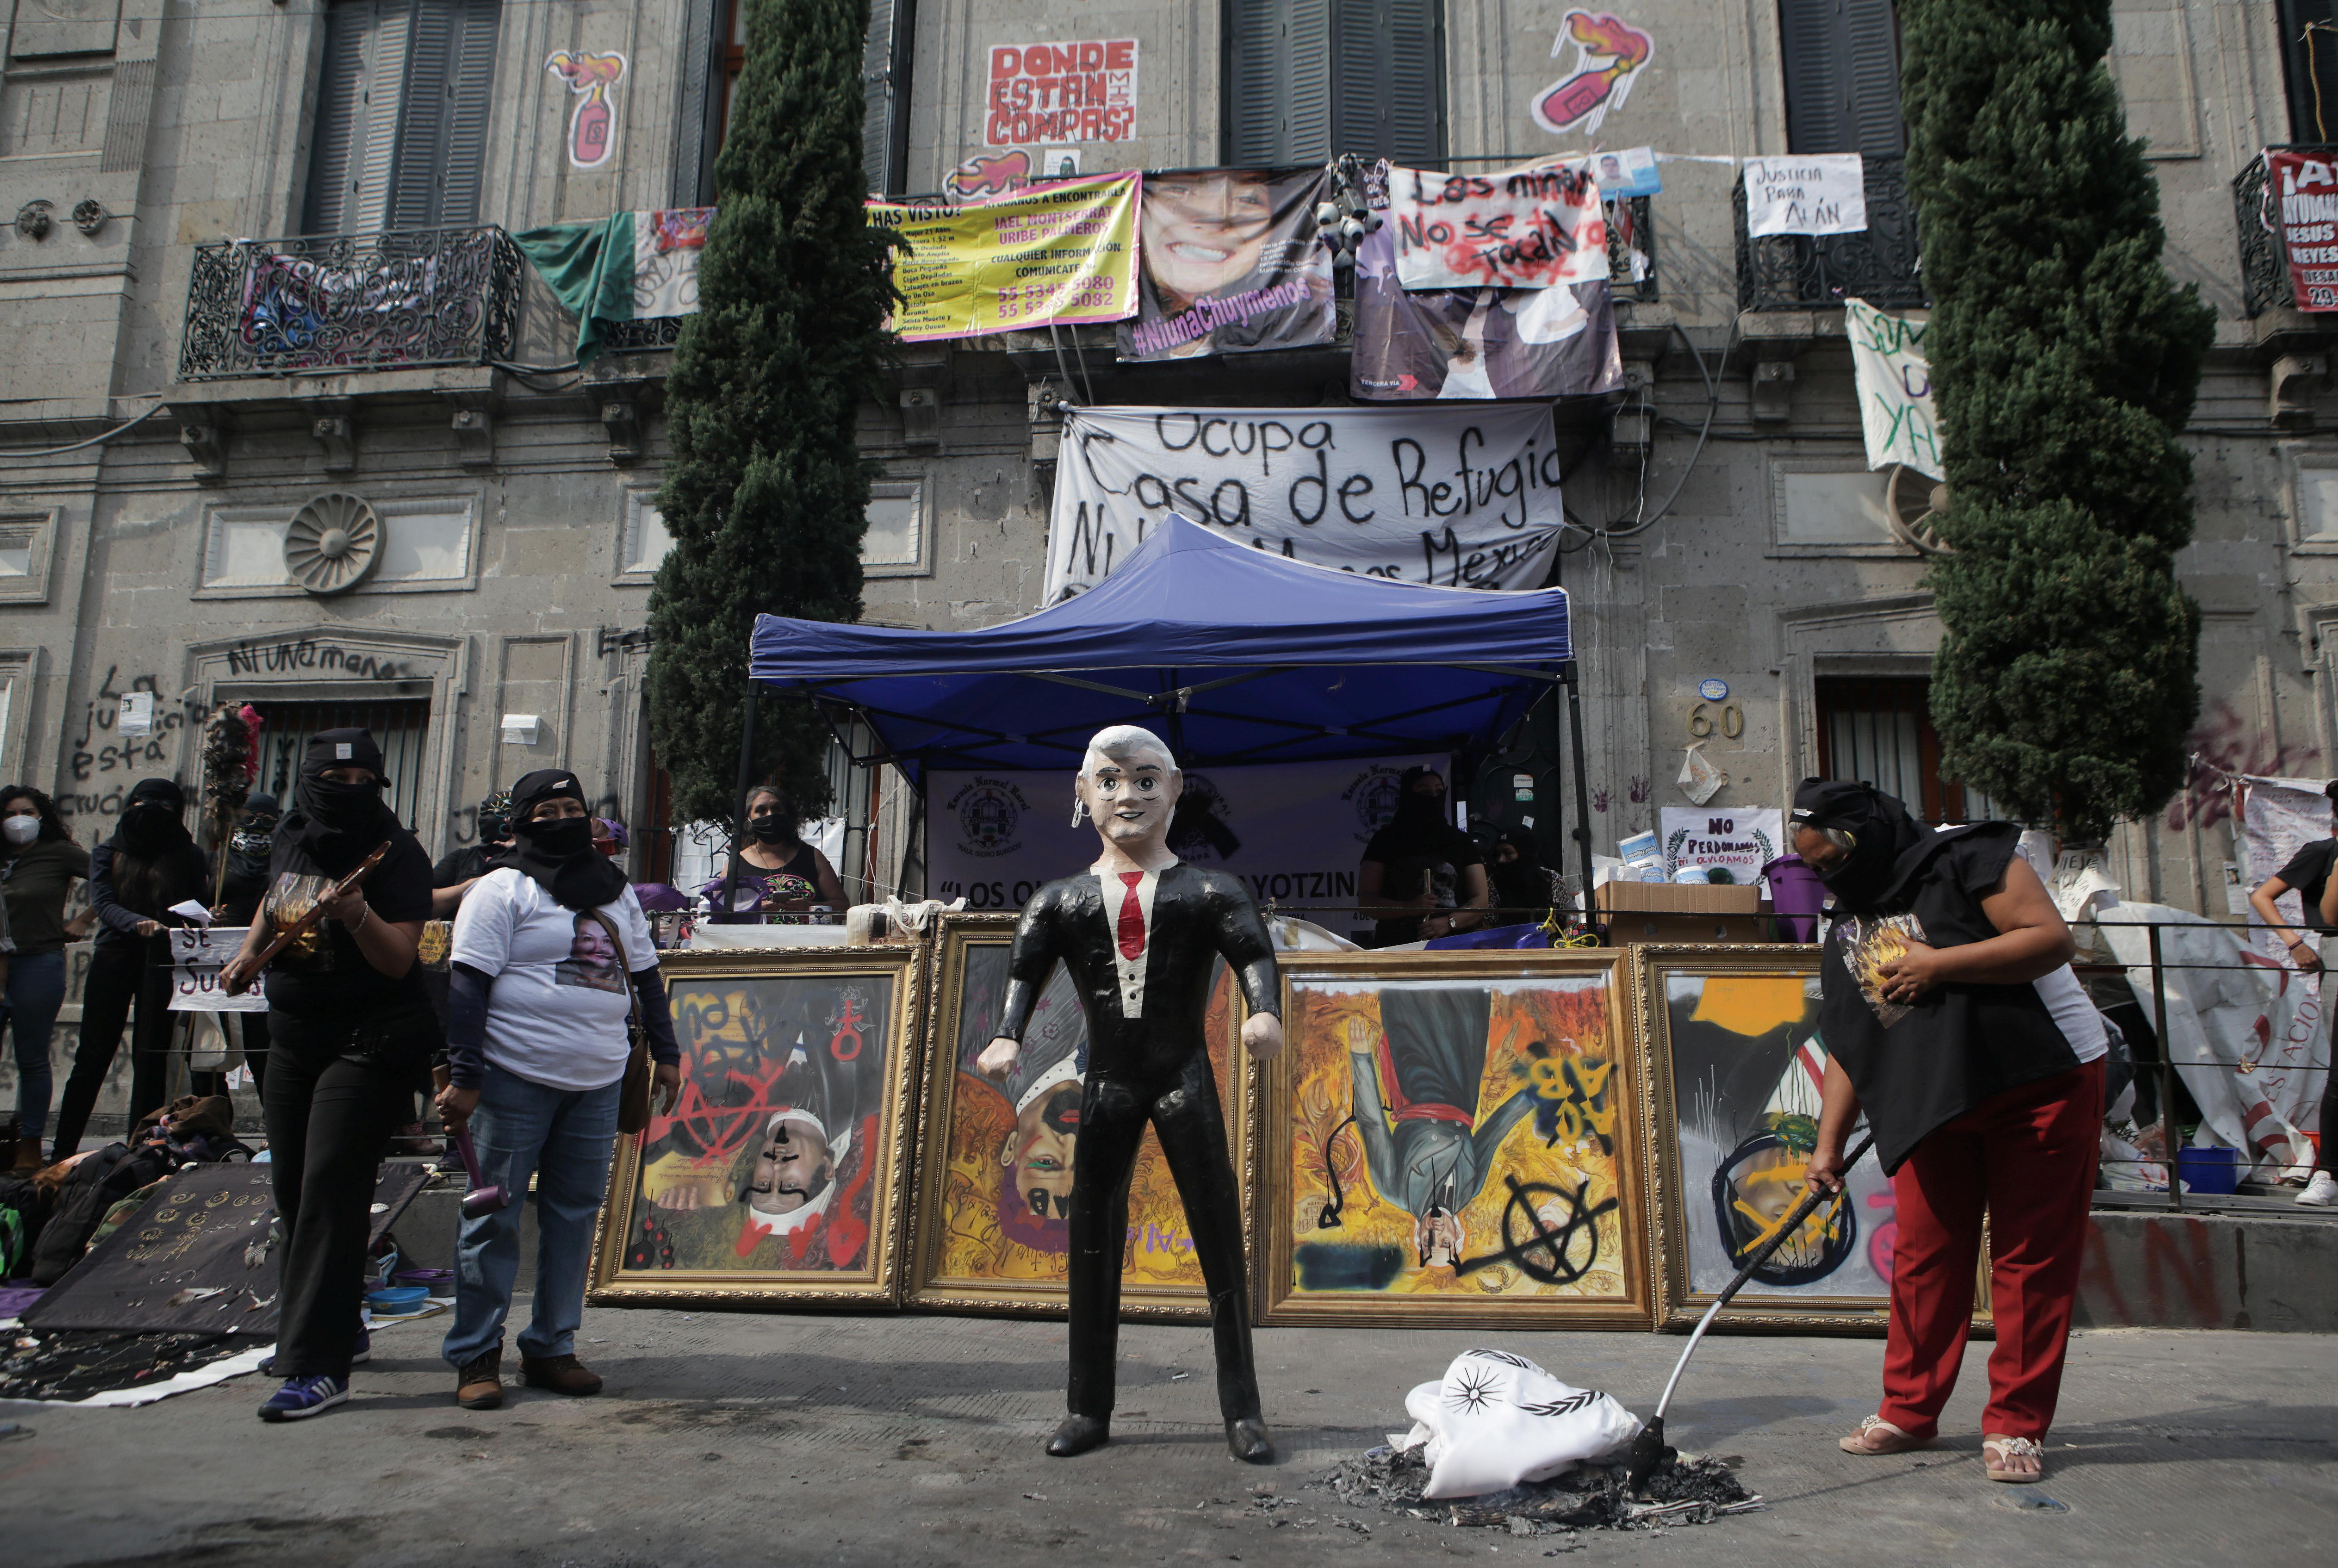 Una piñata que representa al presidente mexicano Andrés Manuel López Obrador se ve durante una protesta frente a las instalaciones del edificio de la Comisión Nacional de Derechos Humanos, en apoyo a las víctimas de violencia de género, en la Ciudad de México, México el 11 de septiembre de 2020. Fotografía tomada el 11 de septiembre de 2020.